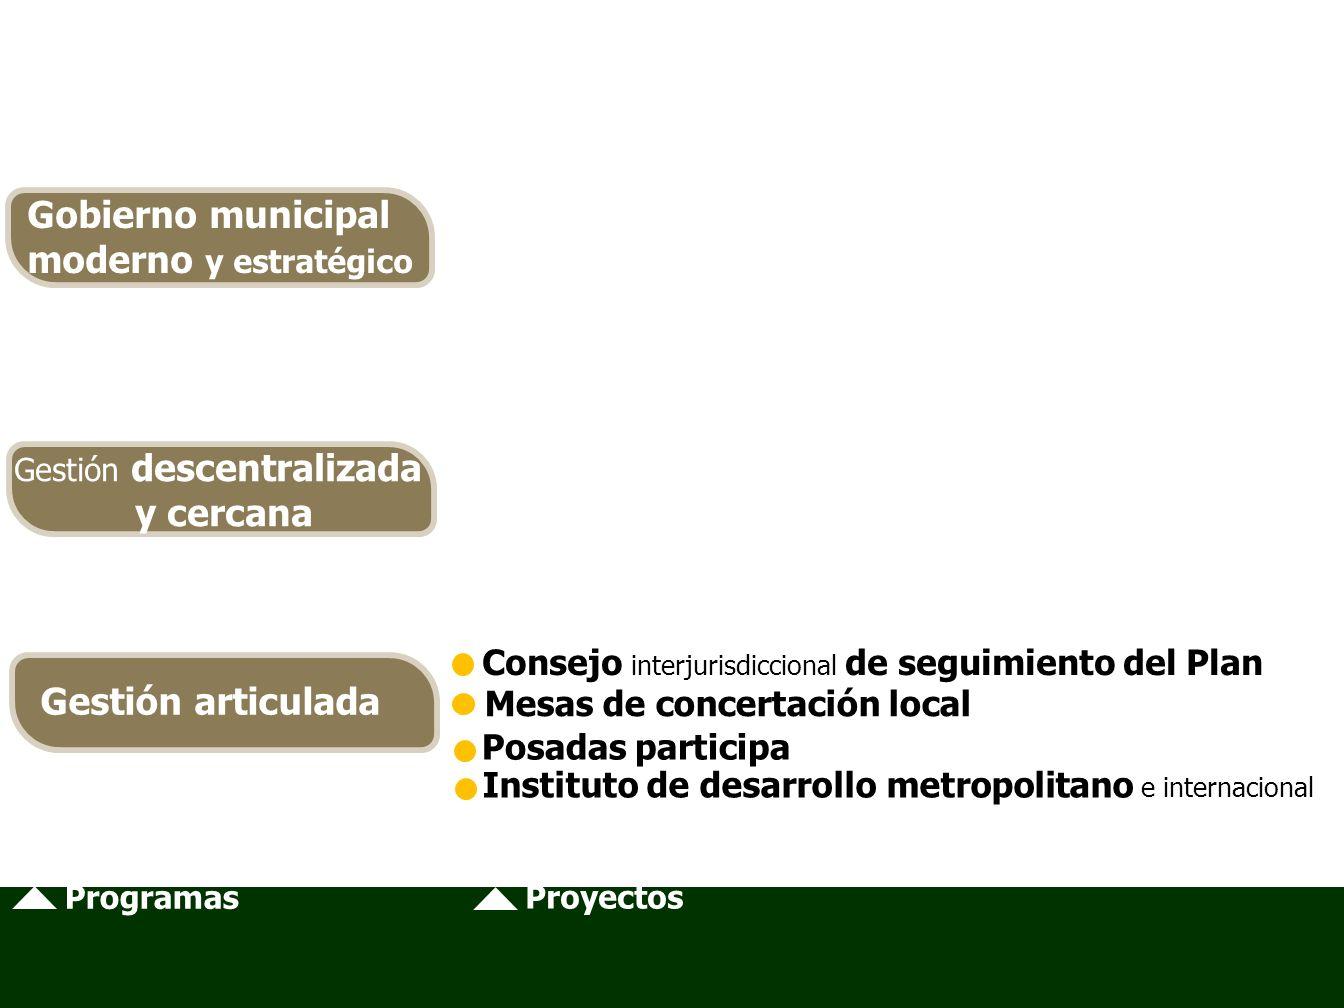 Programas Proyectos Consejo interjurisdiccional de seguimiento del Plan Mesas de concertación local Posadas participa Gobierno municipal moderno y estratégico Gestión descentralizada y cercana Gestión articulada Instituto de desarrollo metropolitano e internacional